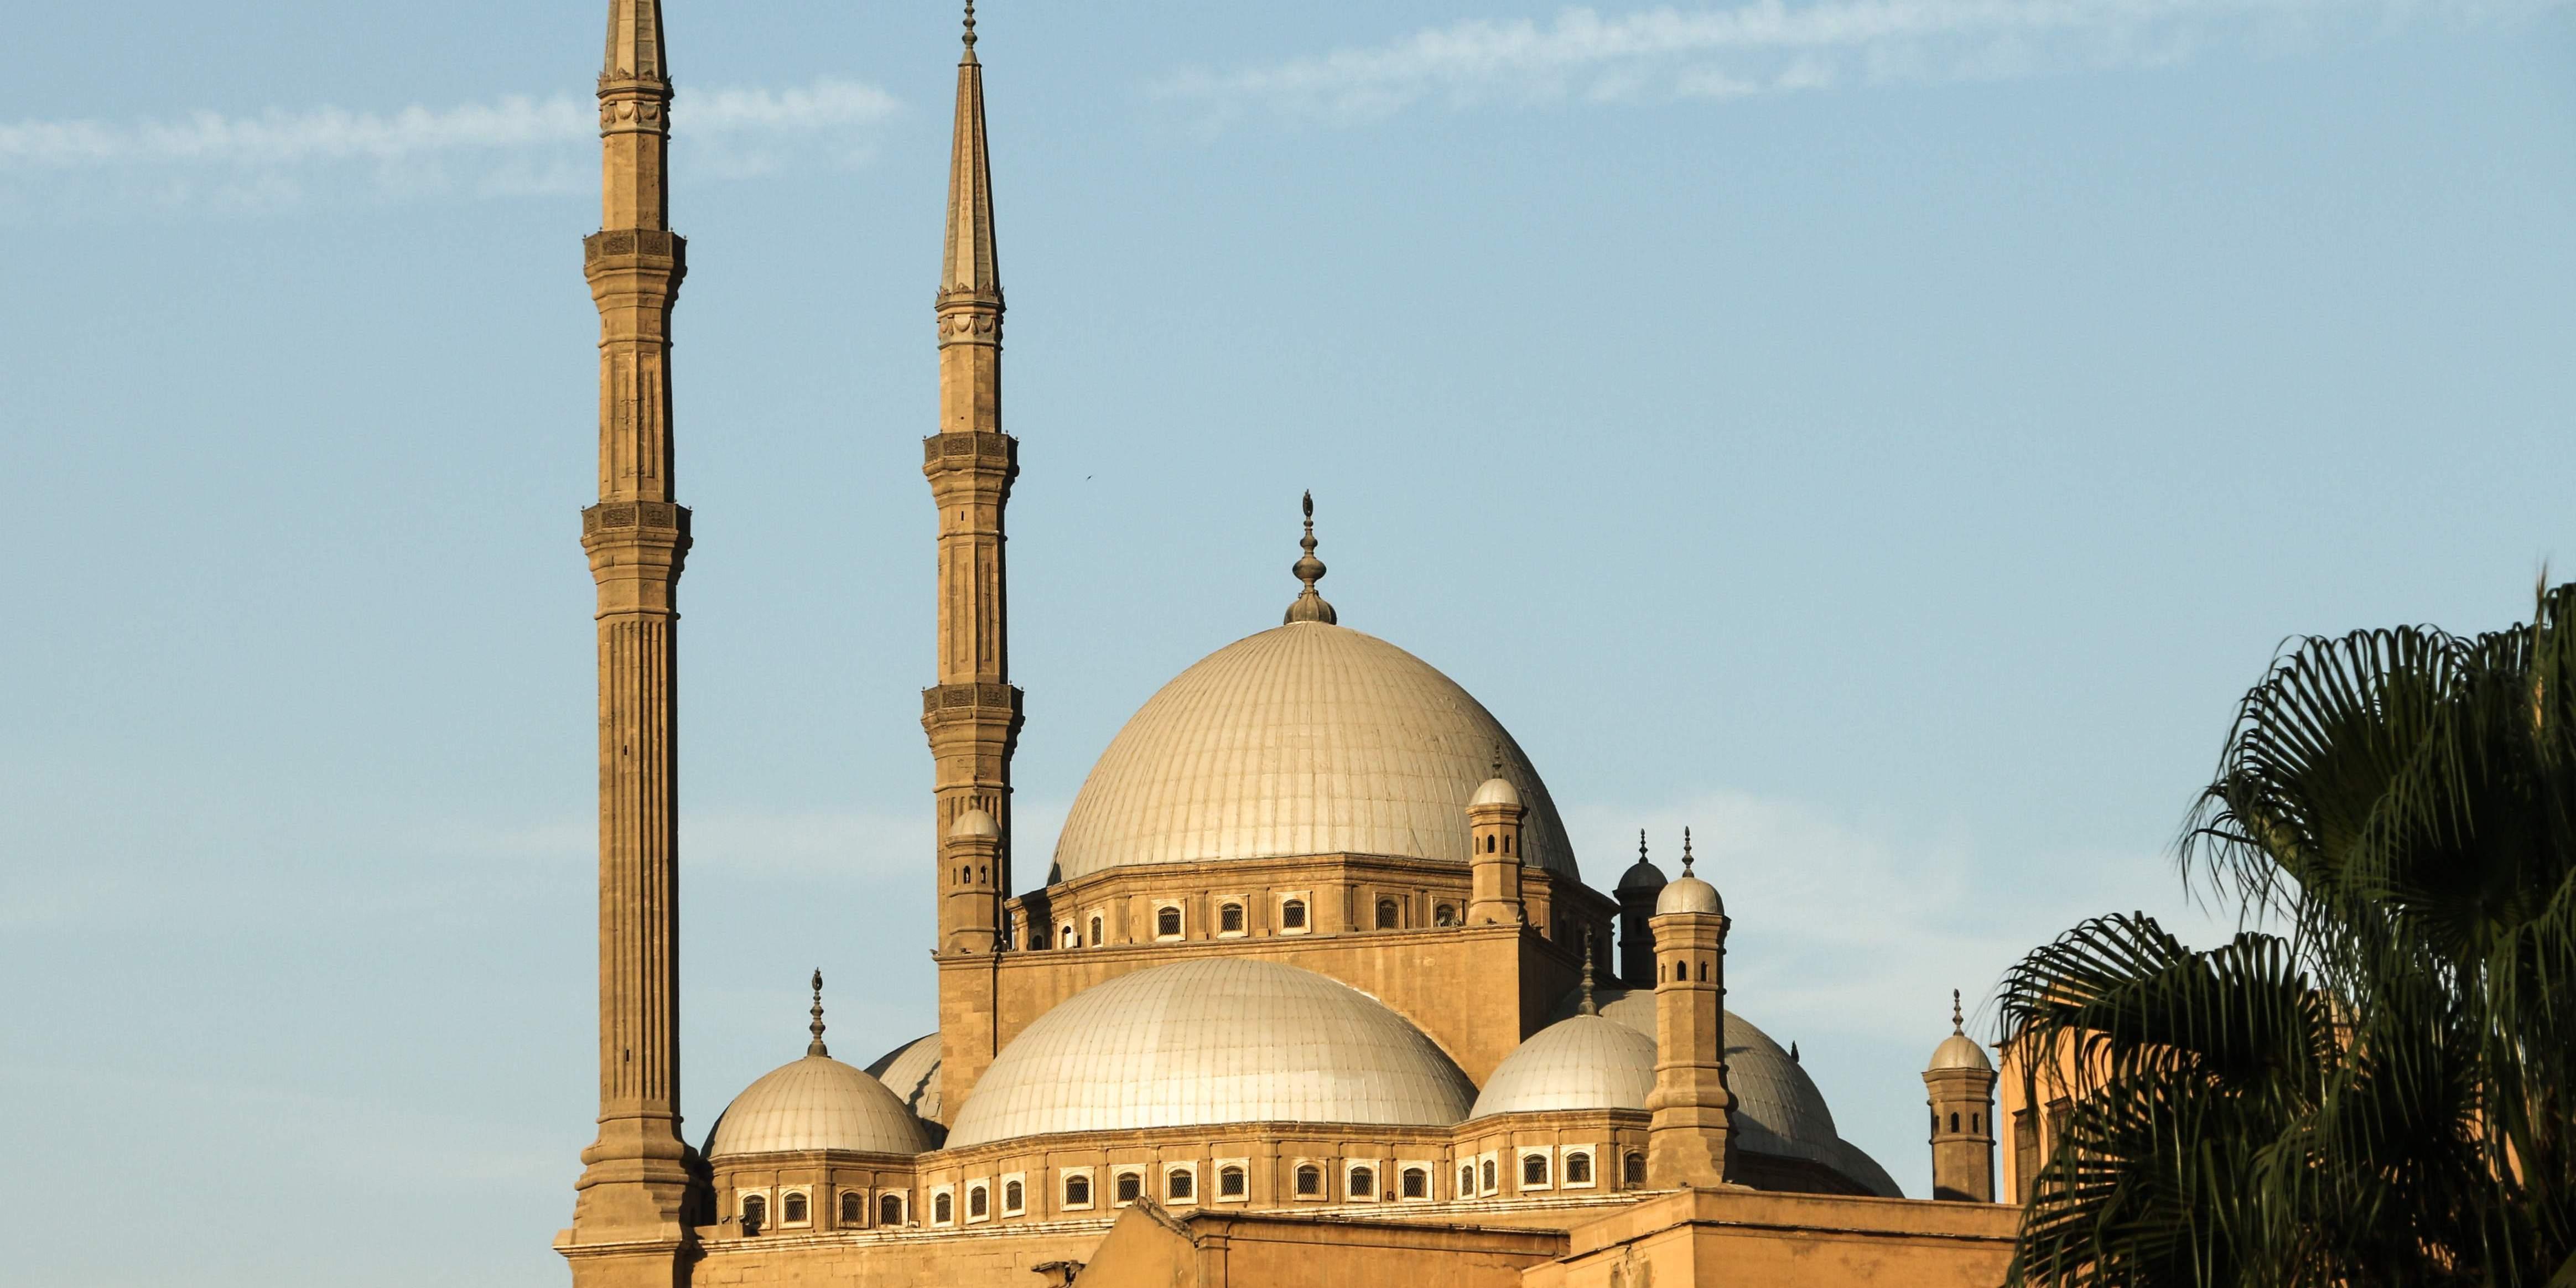 Permalink to: Cairo